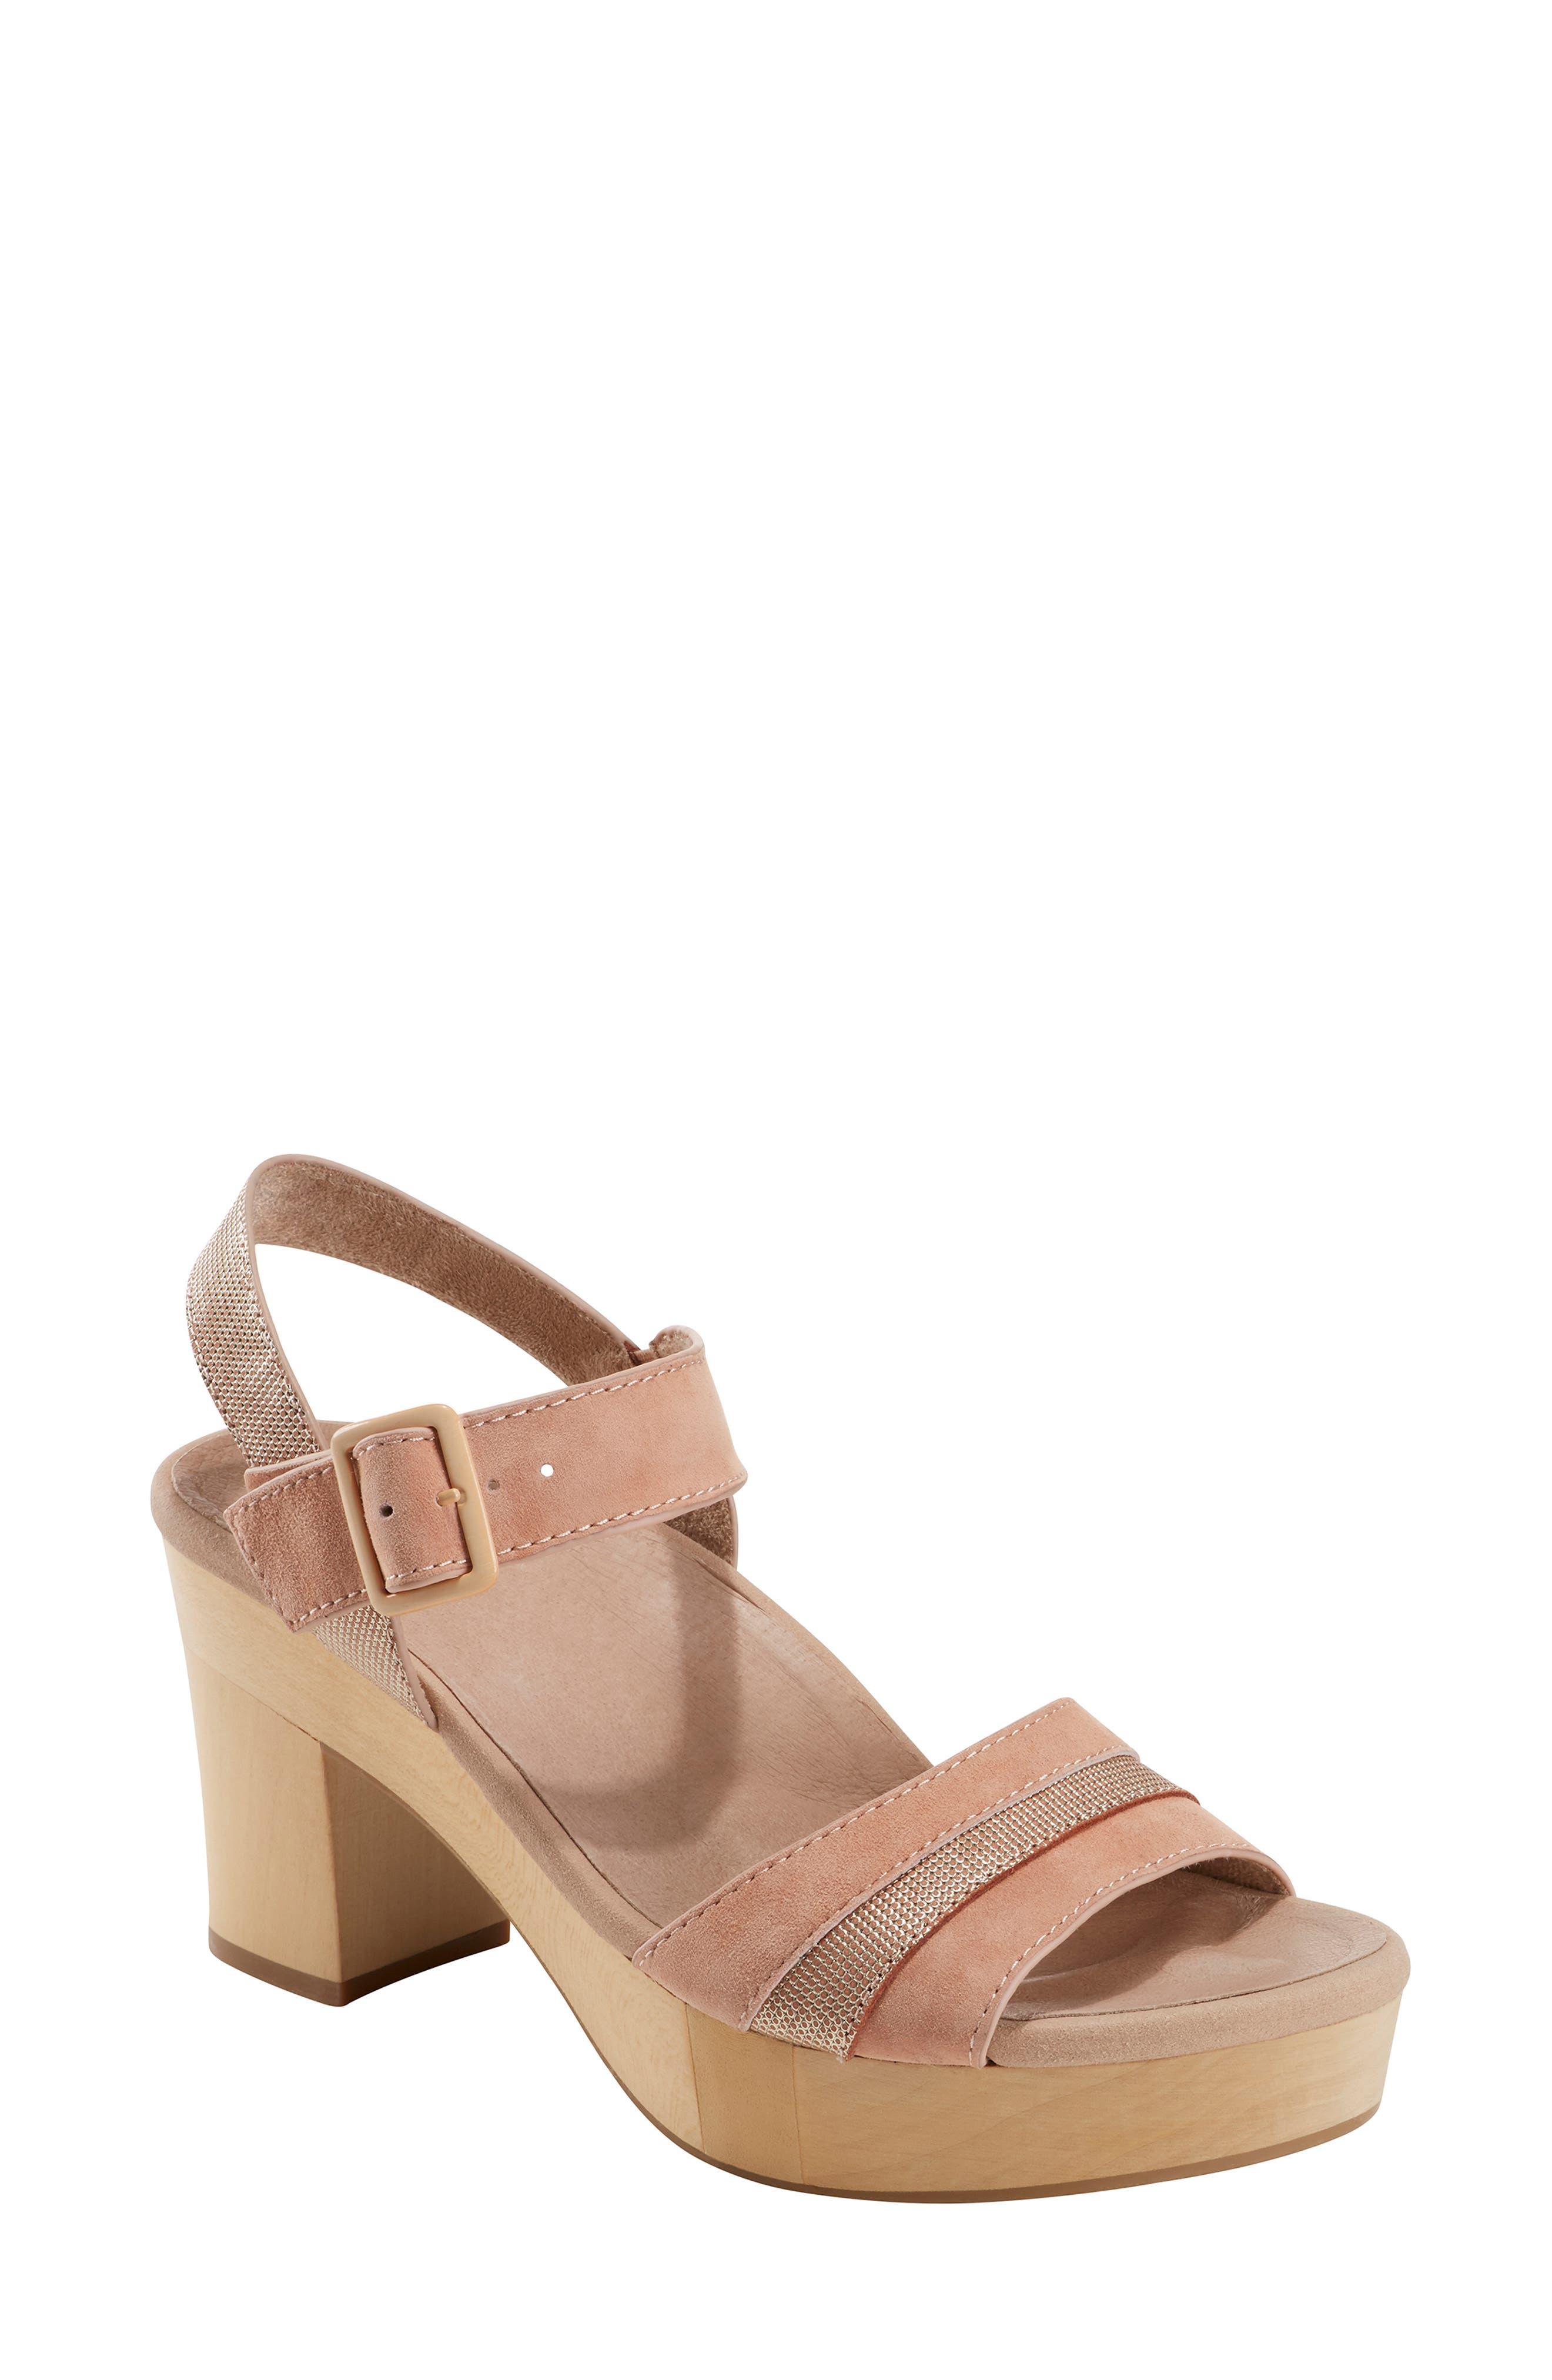 Earth Chestnut Platform Sandal- Pink